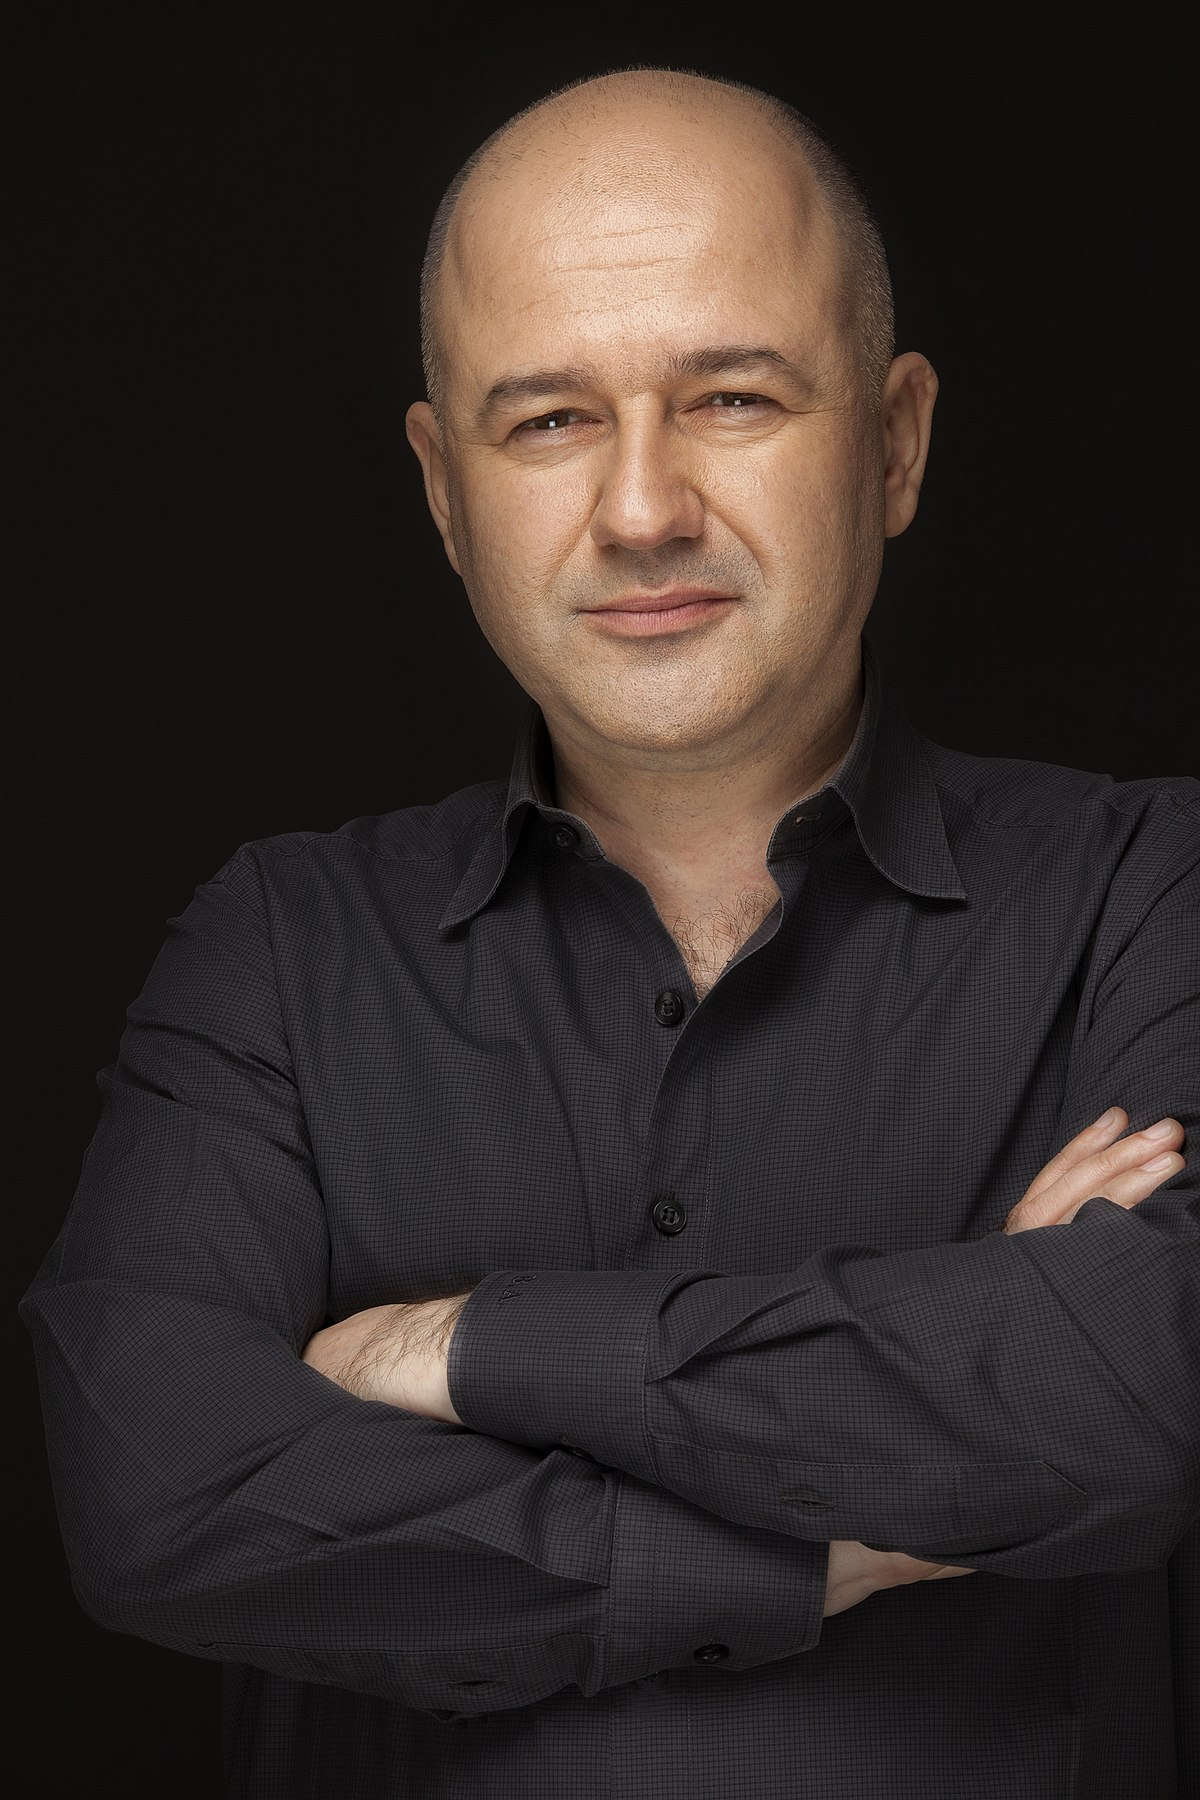 Baybars Altuntaş - Wikipedia